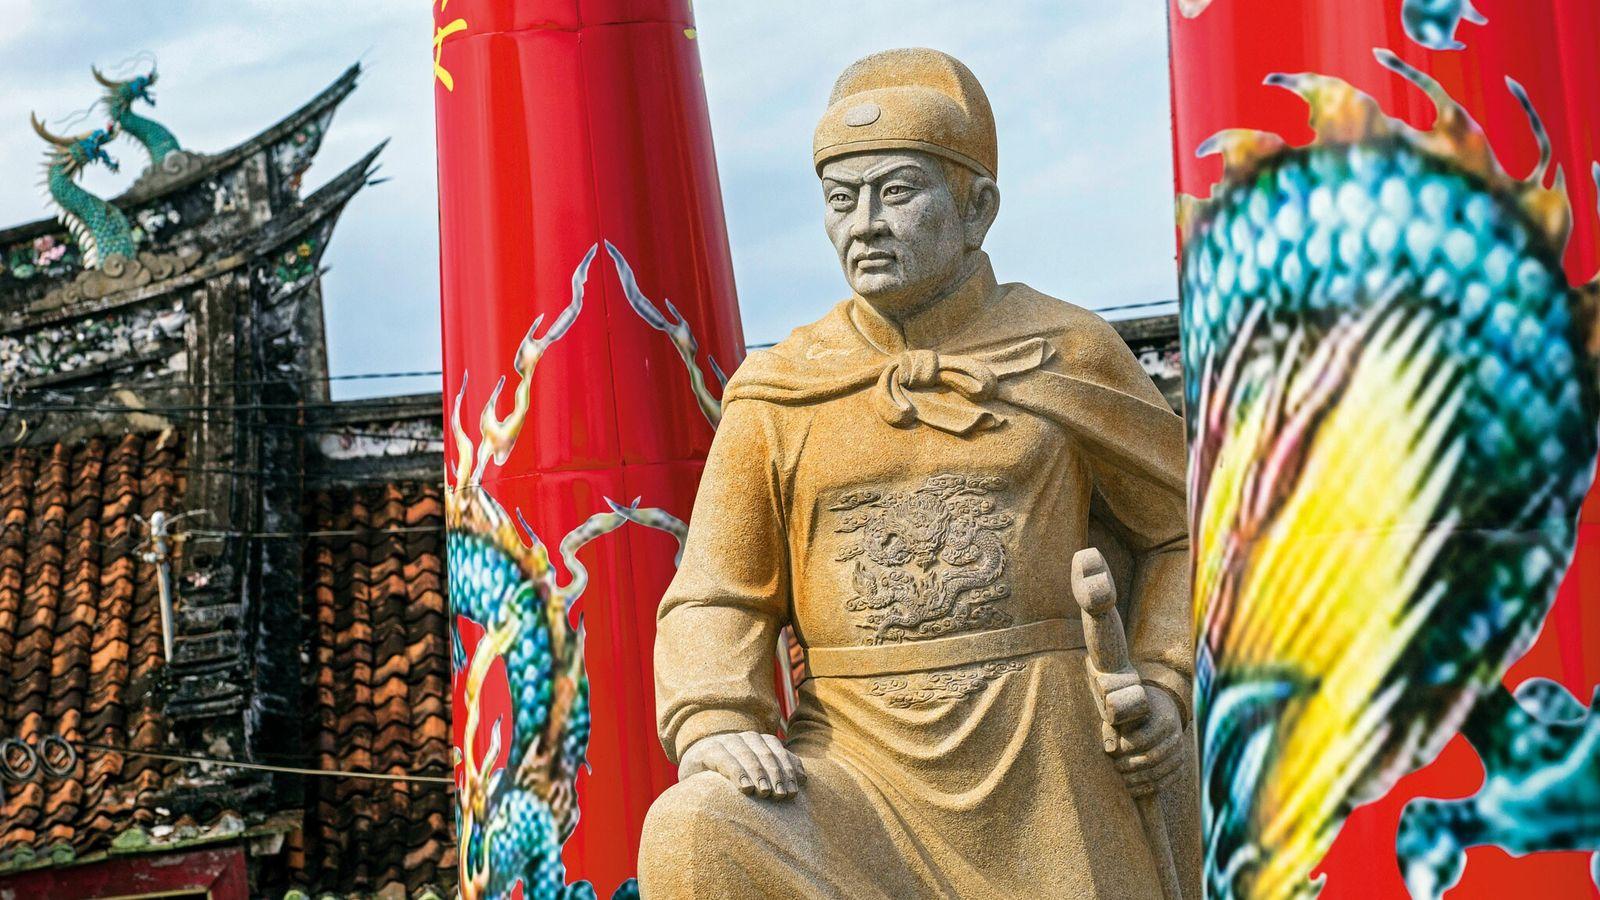 Au temple taoïste chinois Tay Kak Sie à Semarang sur l'île de Java, en Indonésie, une ...